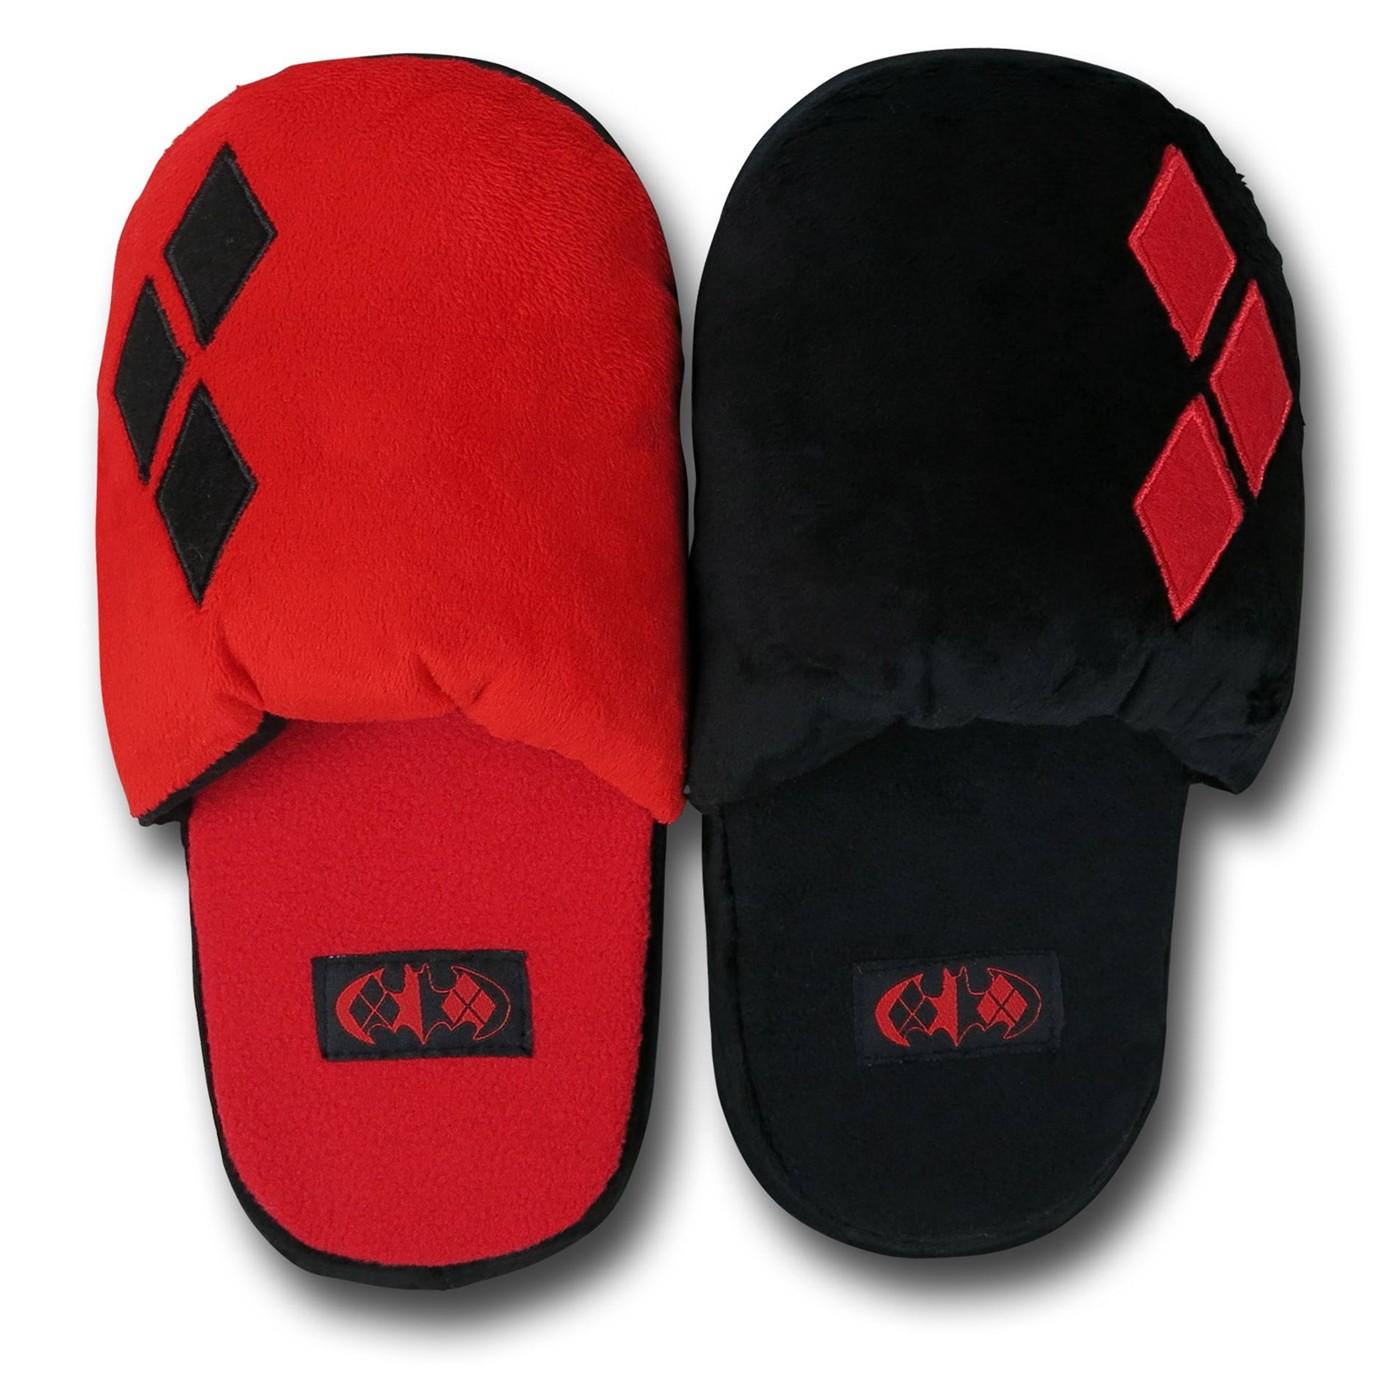 Harley Quinn Women's Plush Slippers